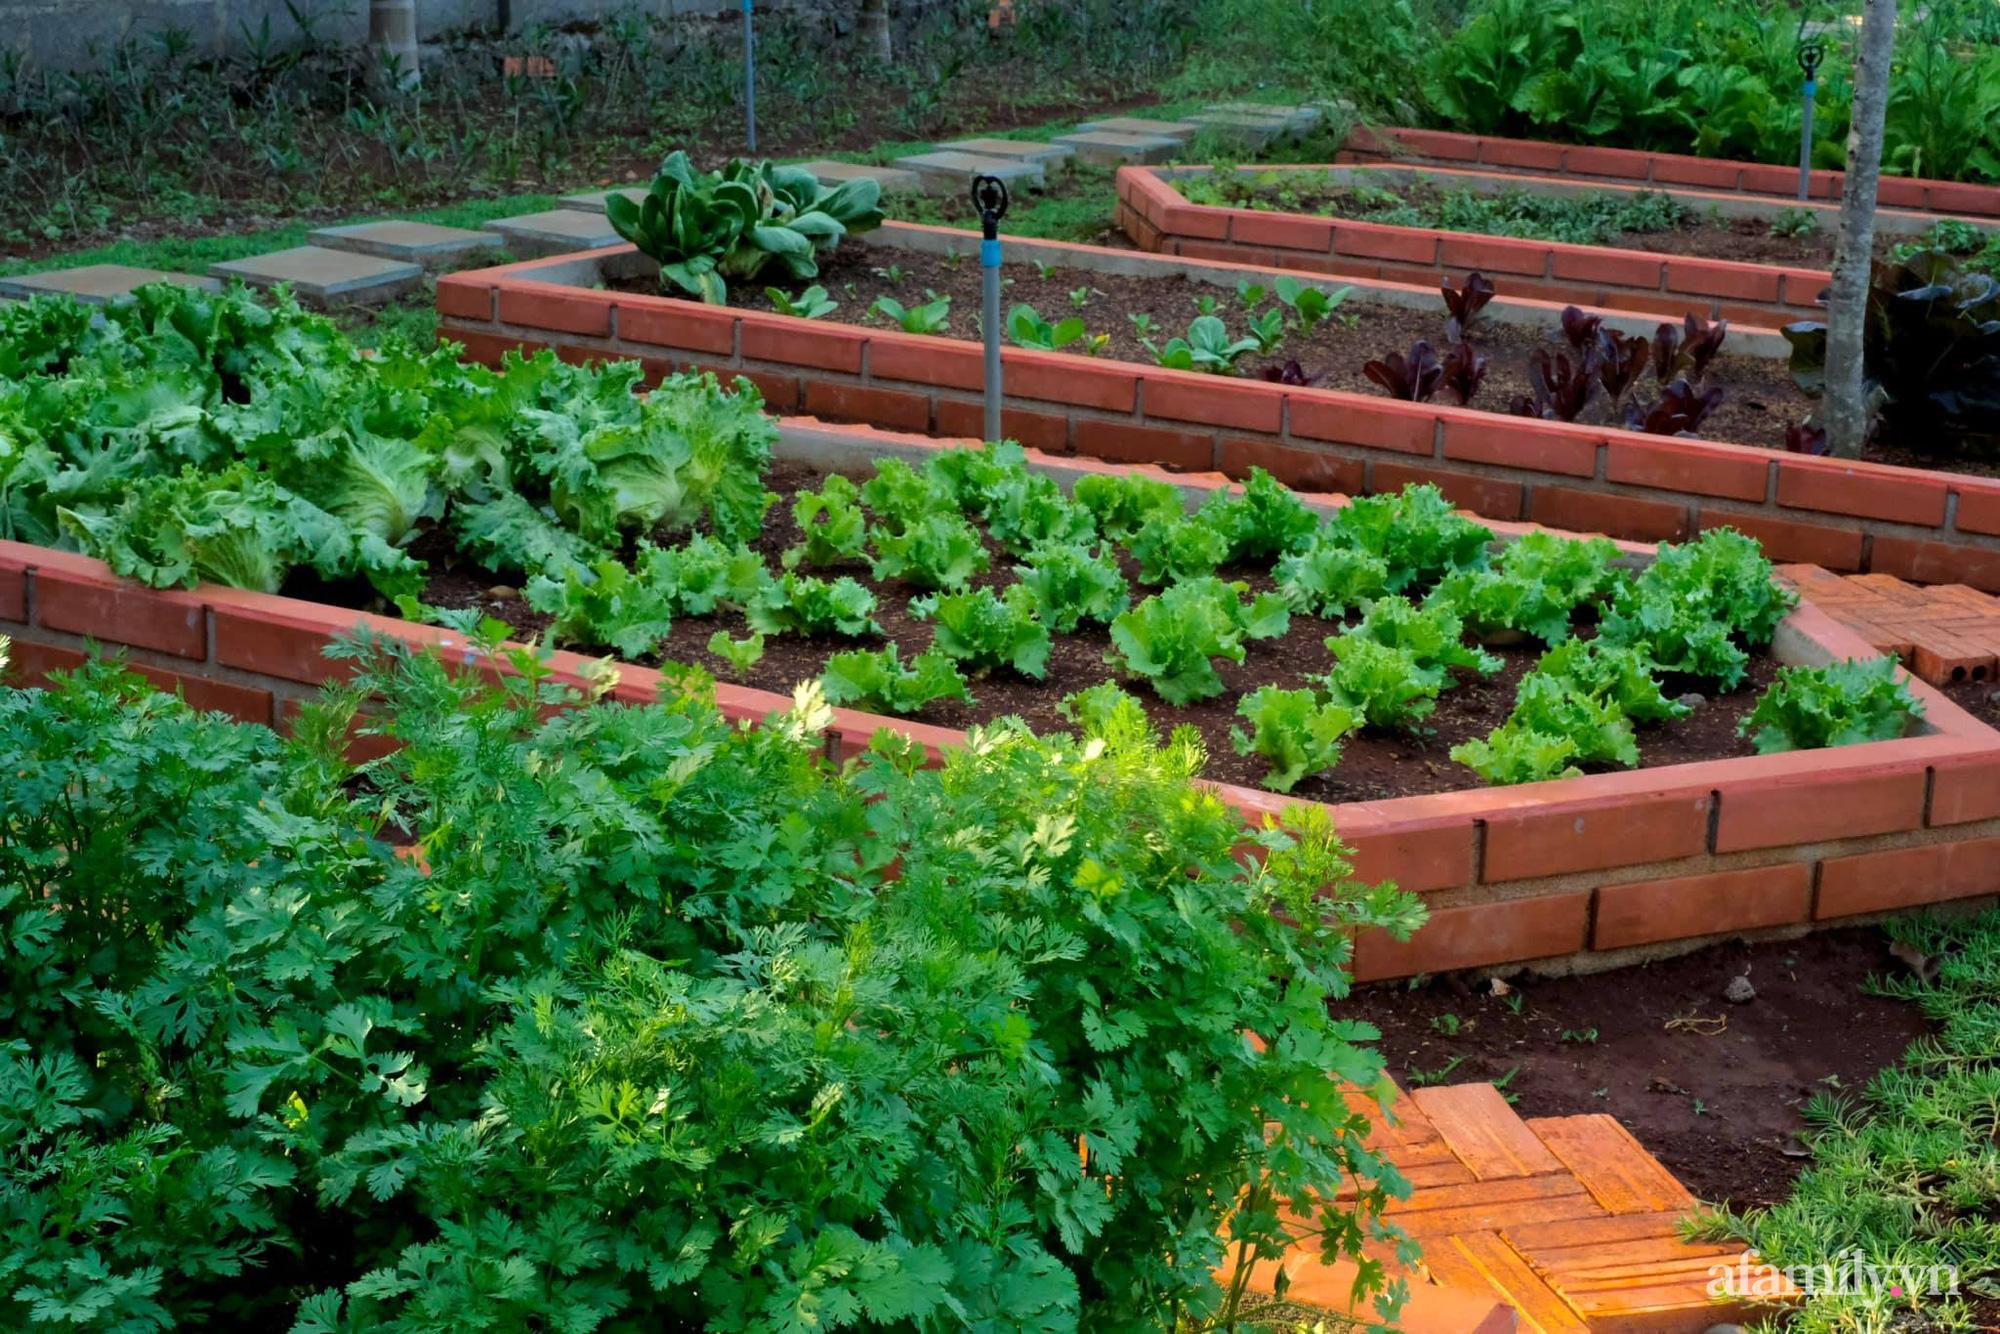 """Vì muốn sống gần thiên nhiên, 5 cô gái đã """"hùn vốn"""" biến mảnh đất trống thành khu vườn xanh mát ở Buôn Mê Thuột - Ảnh 8."""